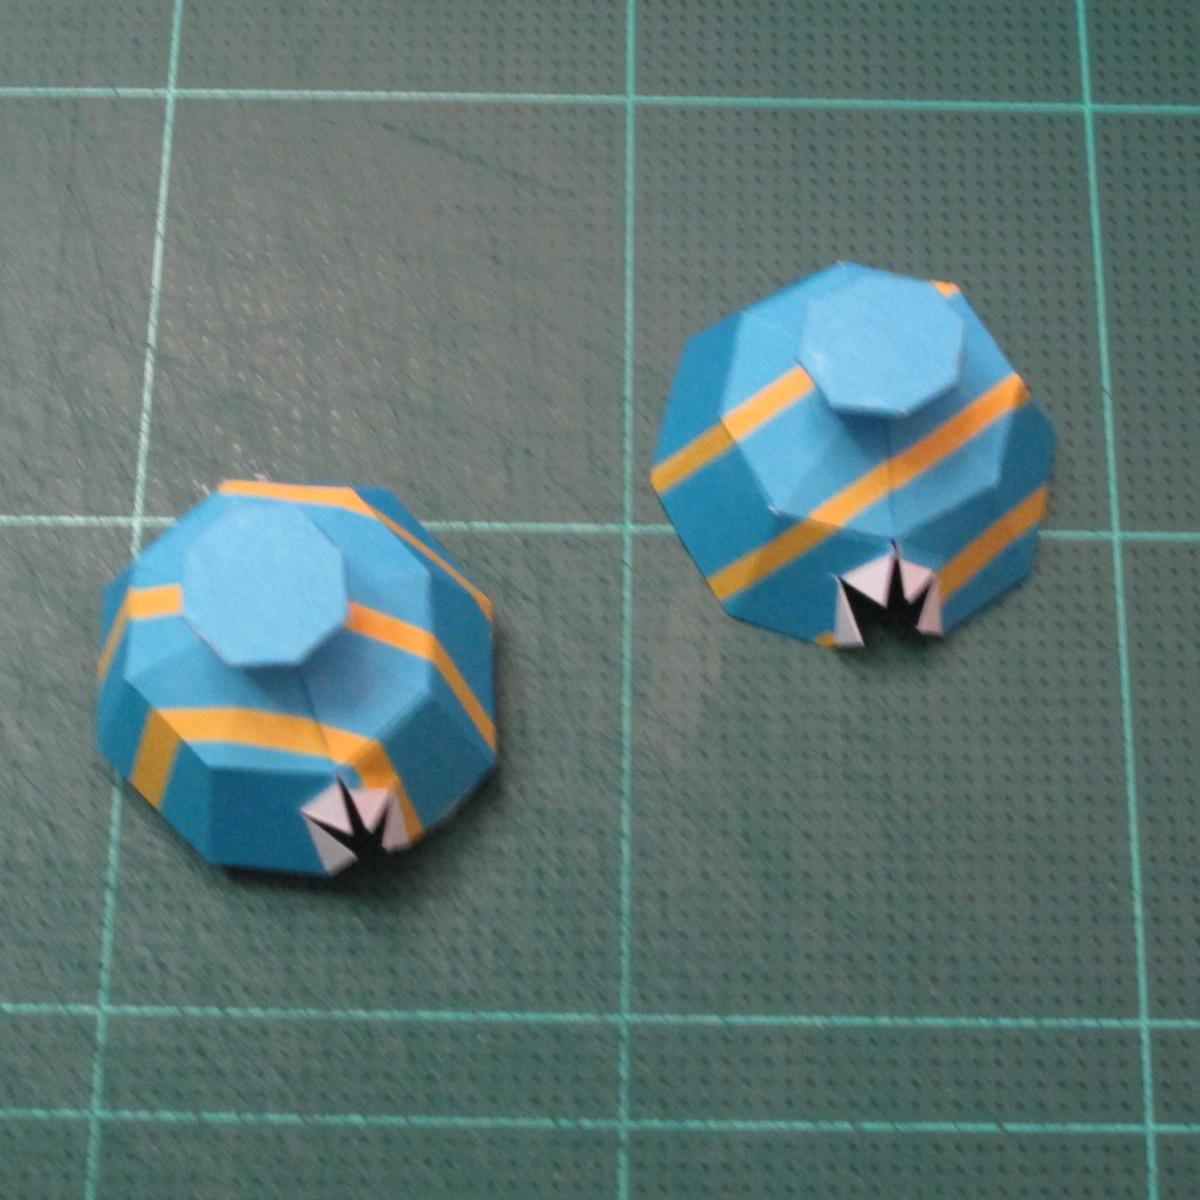 วิธีทำโมเดลกระดาษของเล่นคุกกี้รัน คุกกี้รสพ่อมด (Cookie Run Wizard Cookie Papercraft Model) 023